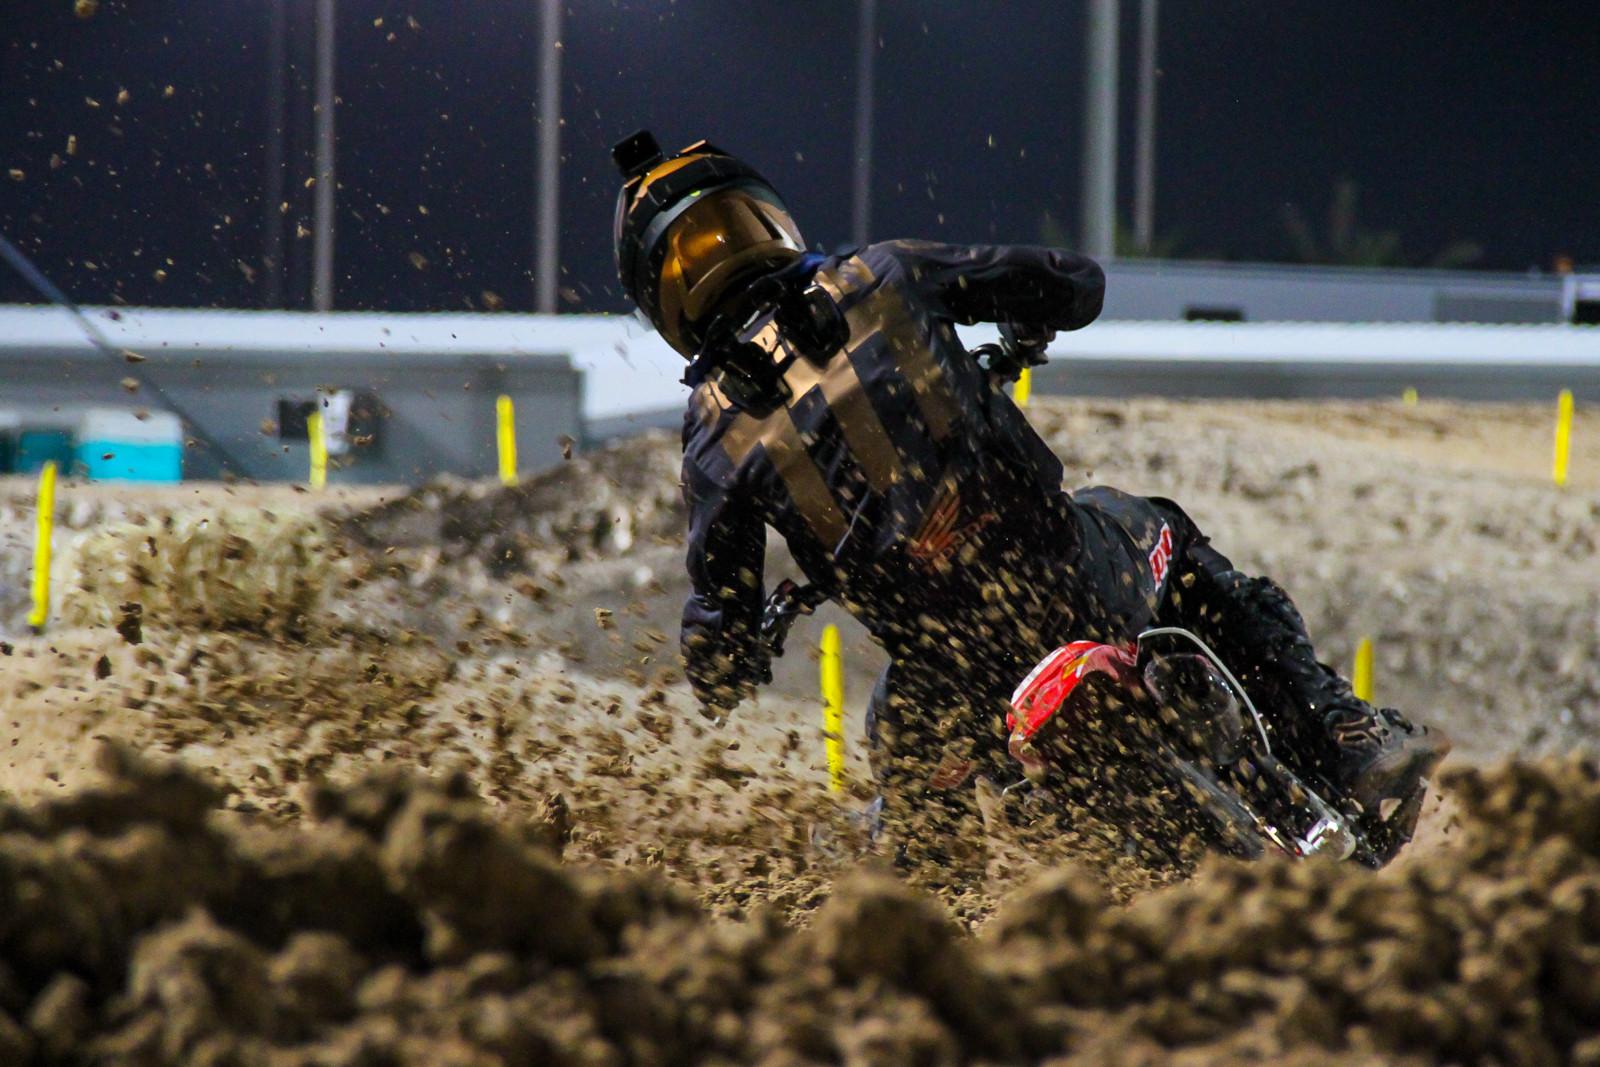 Evgeny Bobryshev - Photo Blast: 2017 MXGP of Qatar - Motocross Pictures - Vital MX